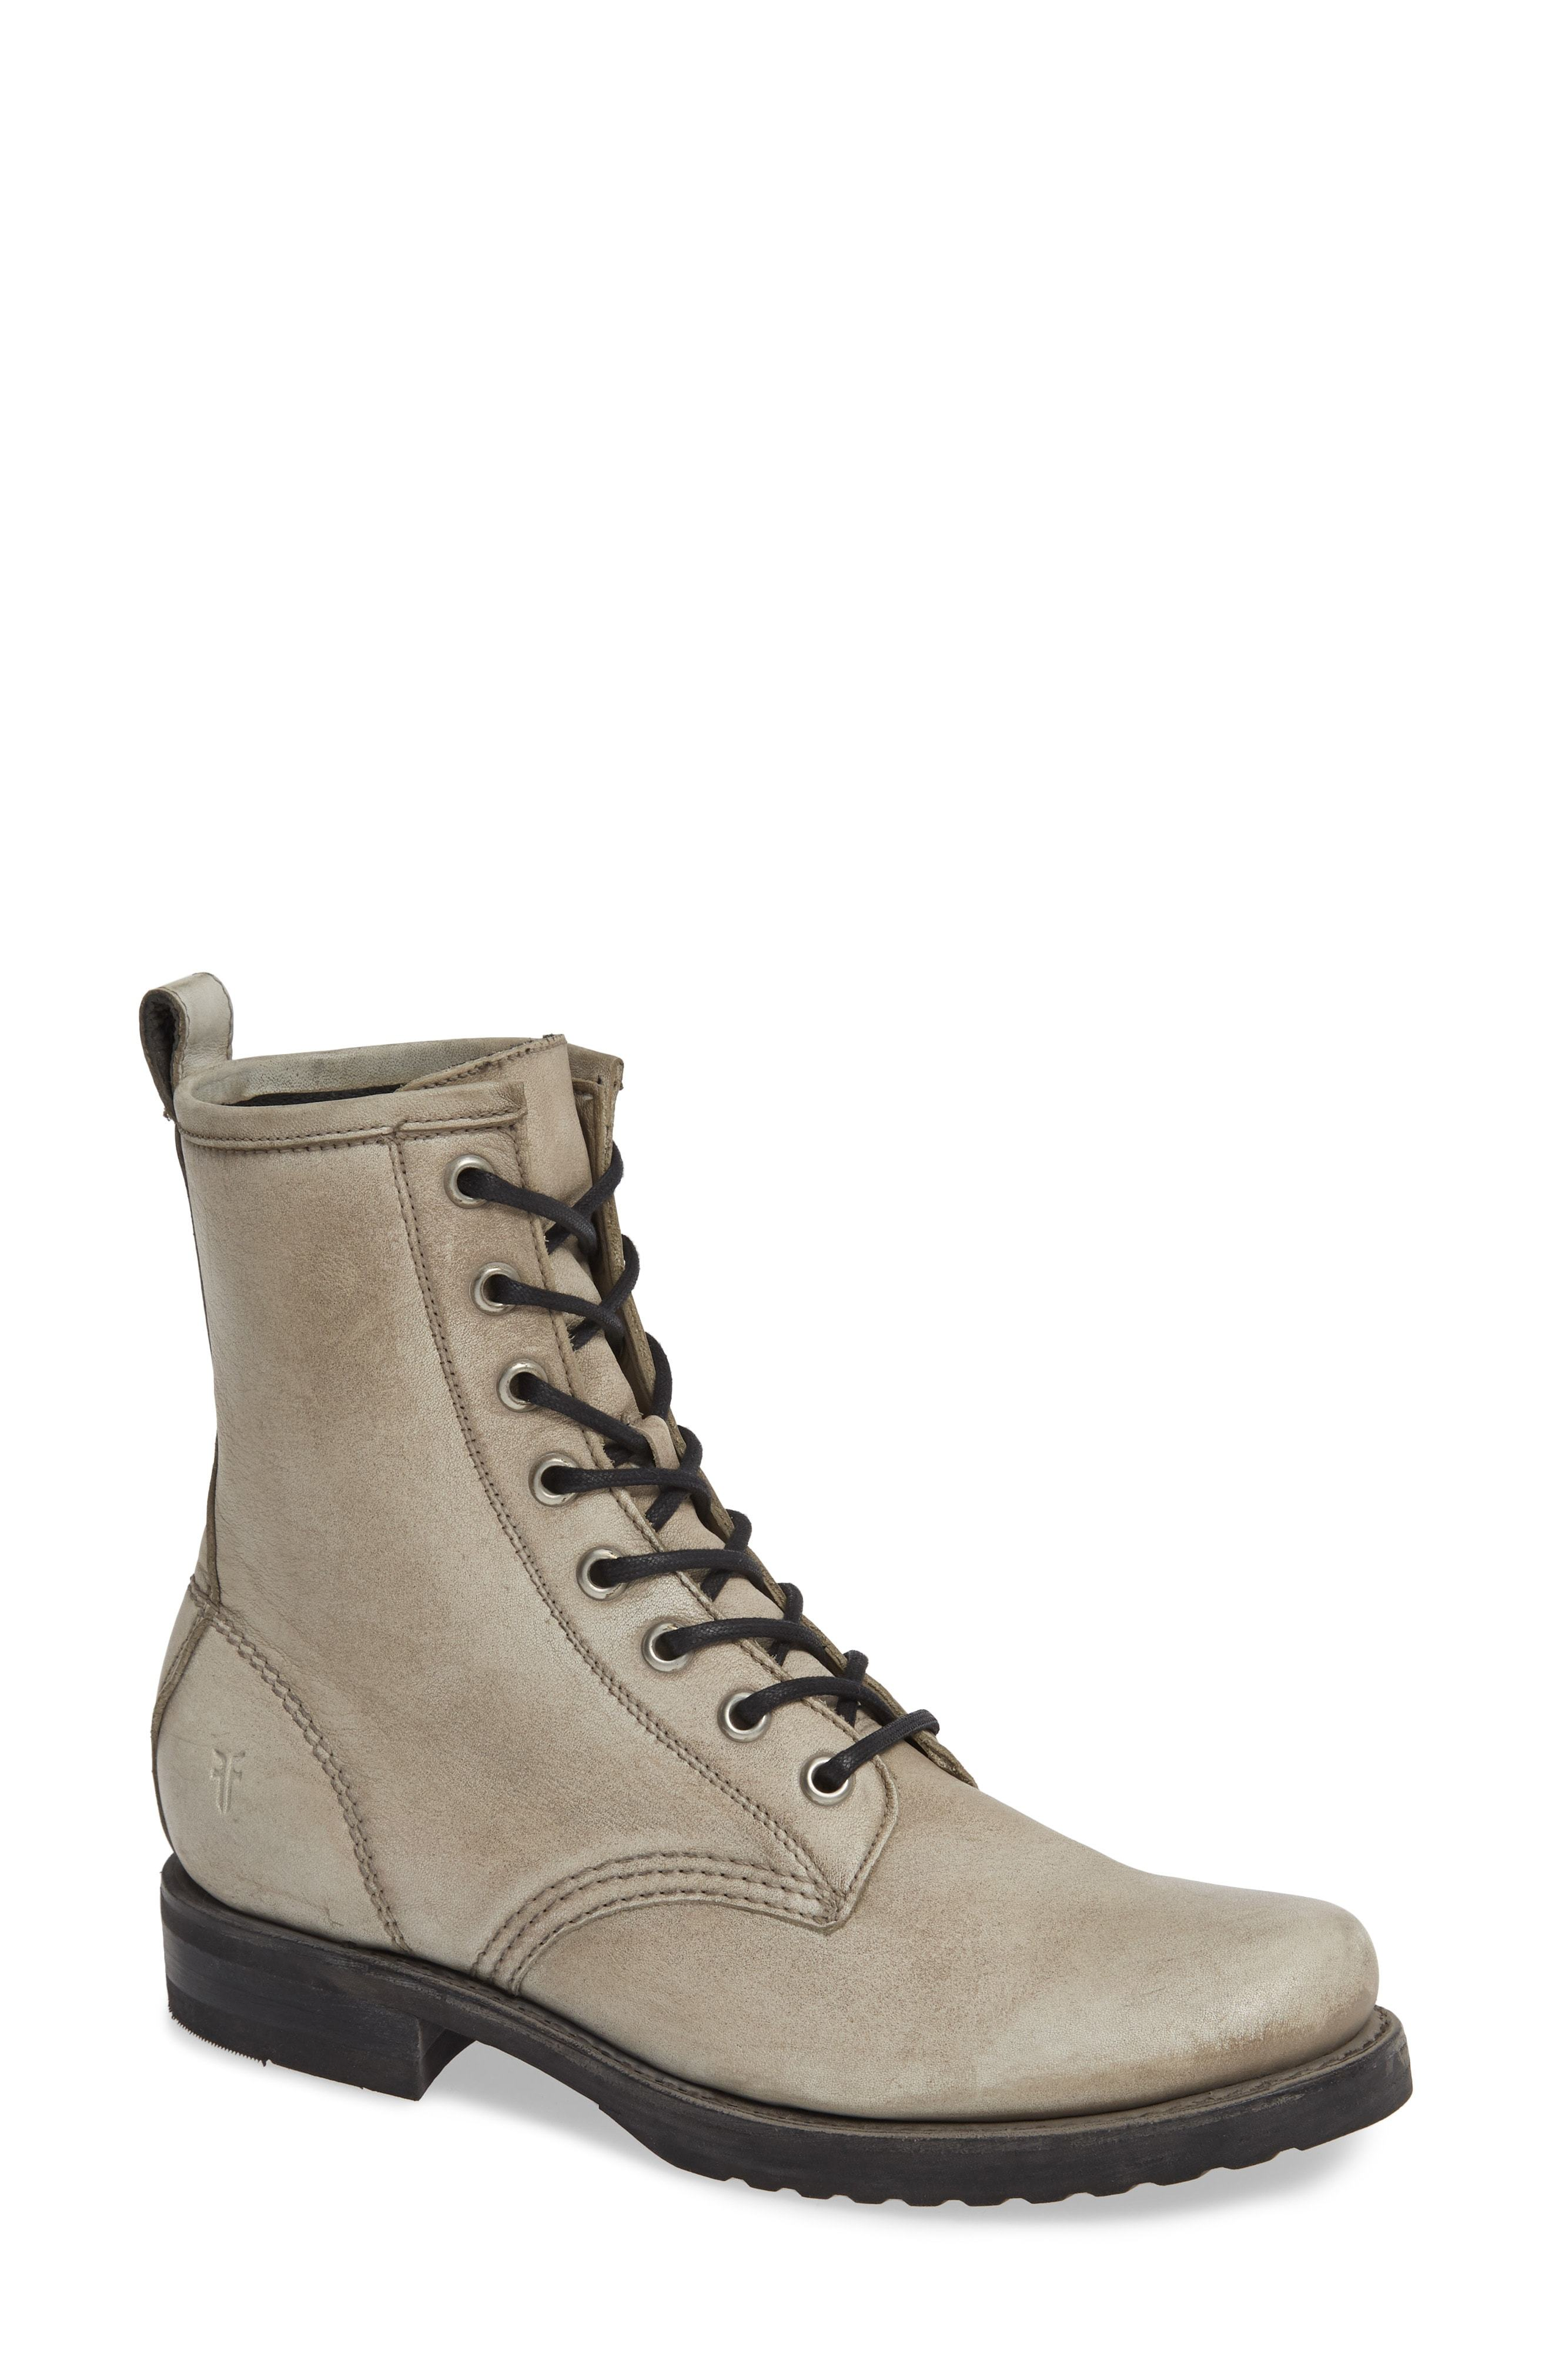 a68e9905f Frye Veronica Combat Boot, $197 | Nordstrom | Lookastic.com